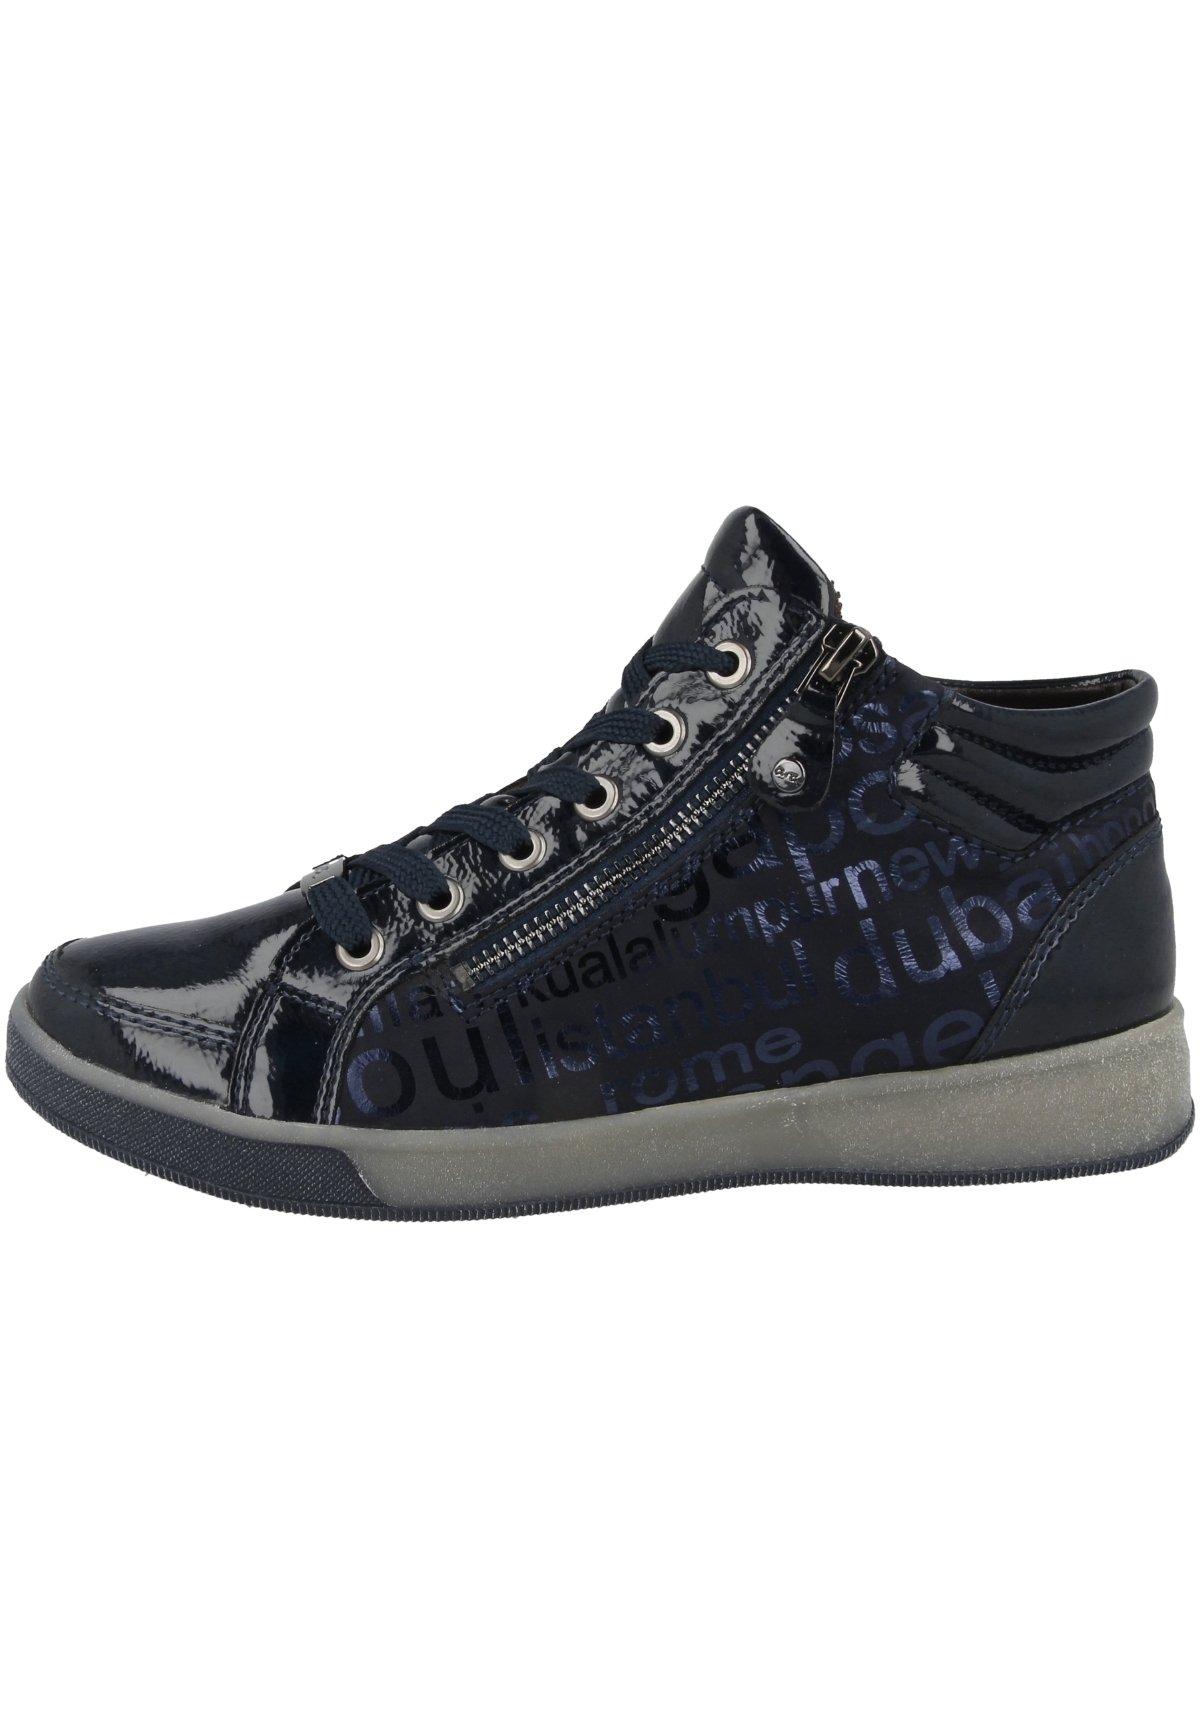 Damen Sneaker high - navy blue